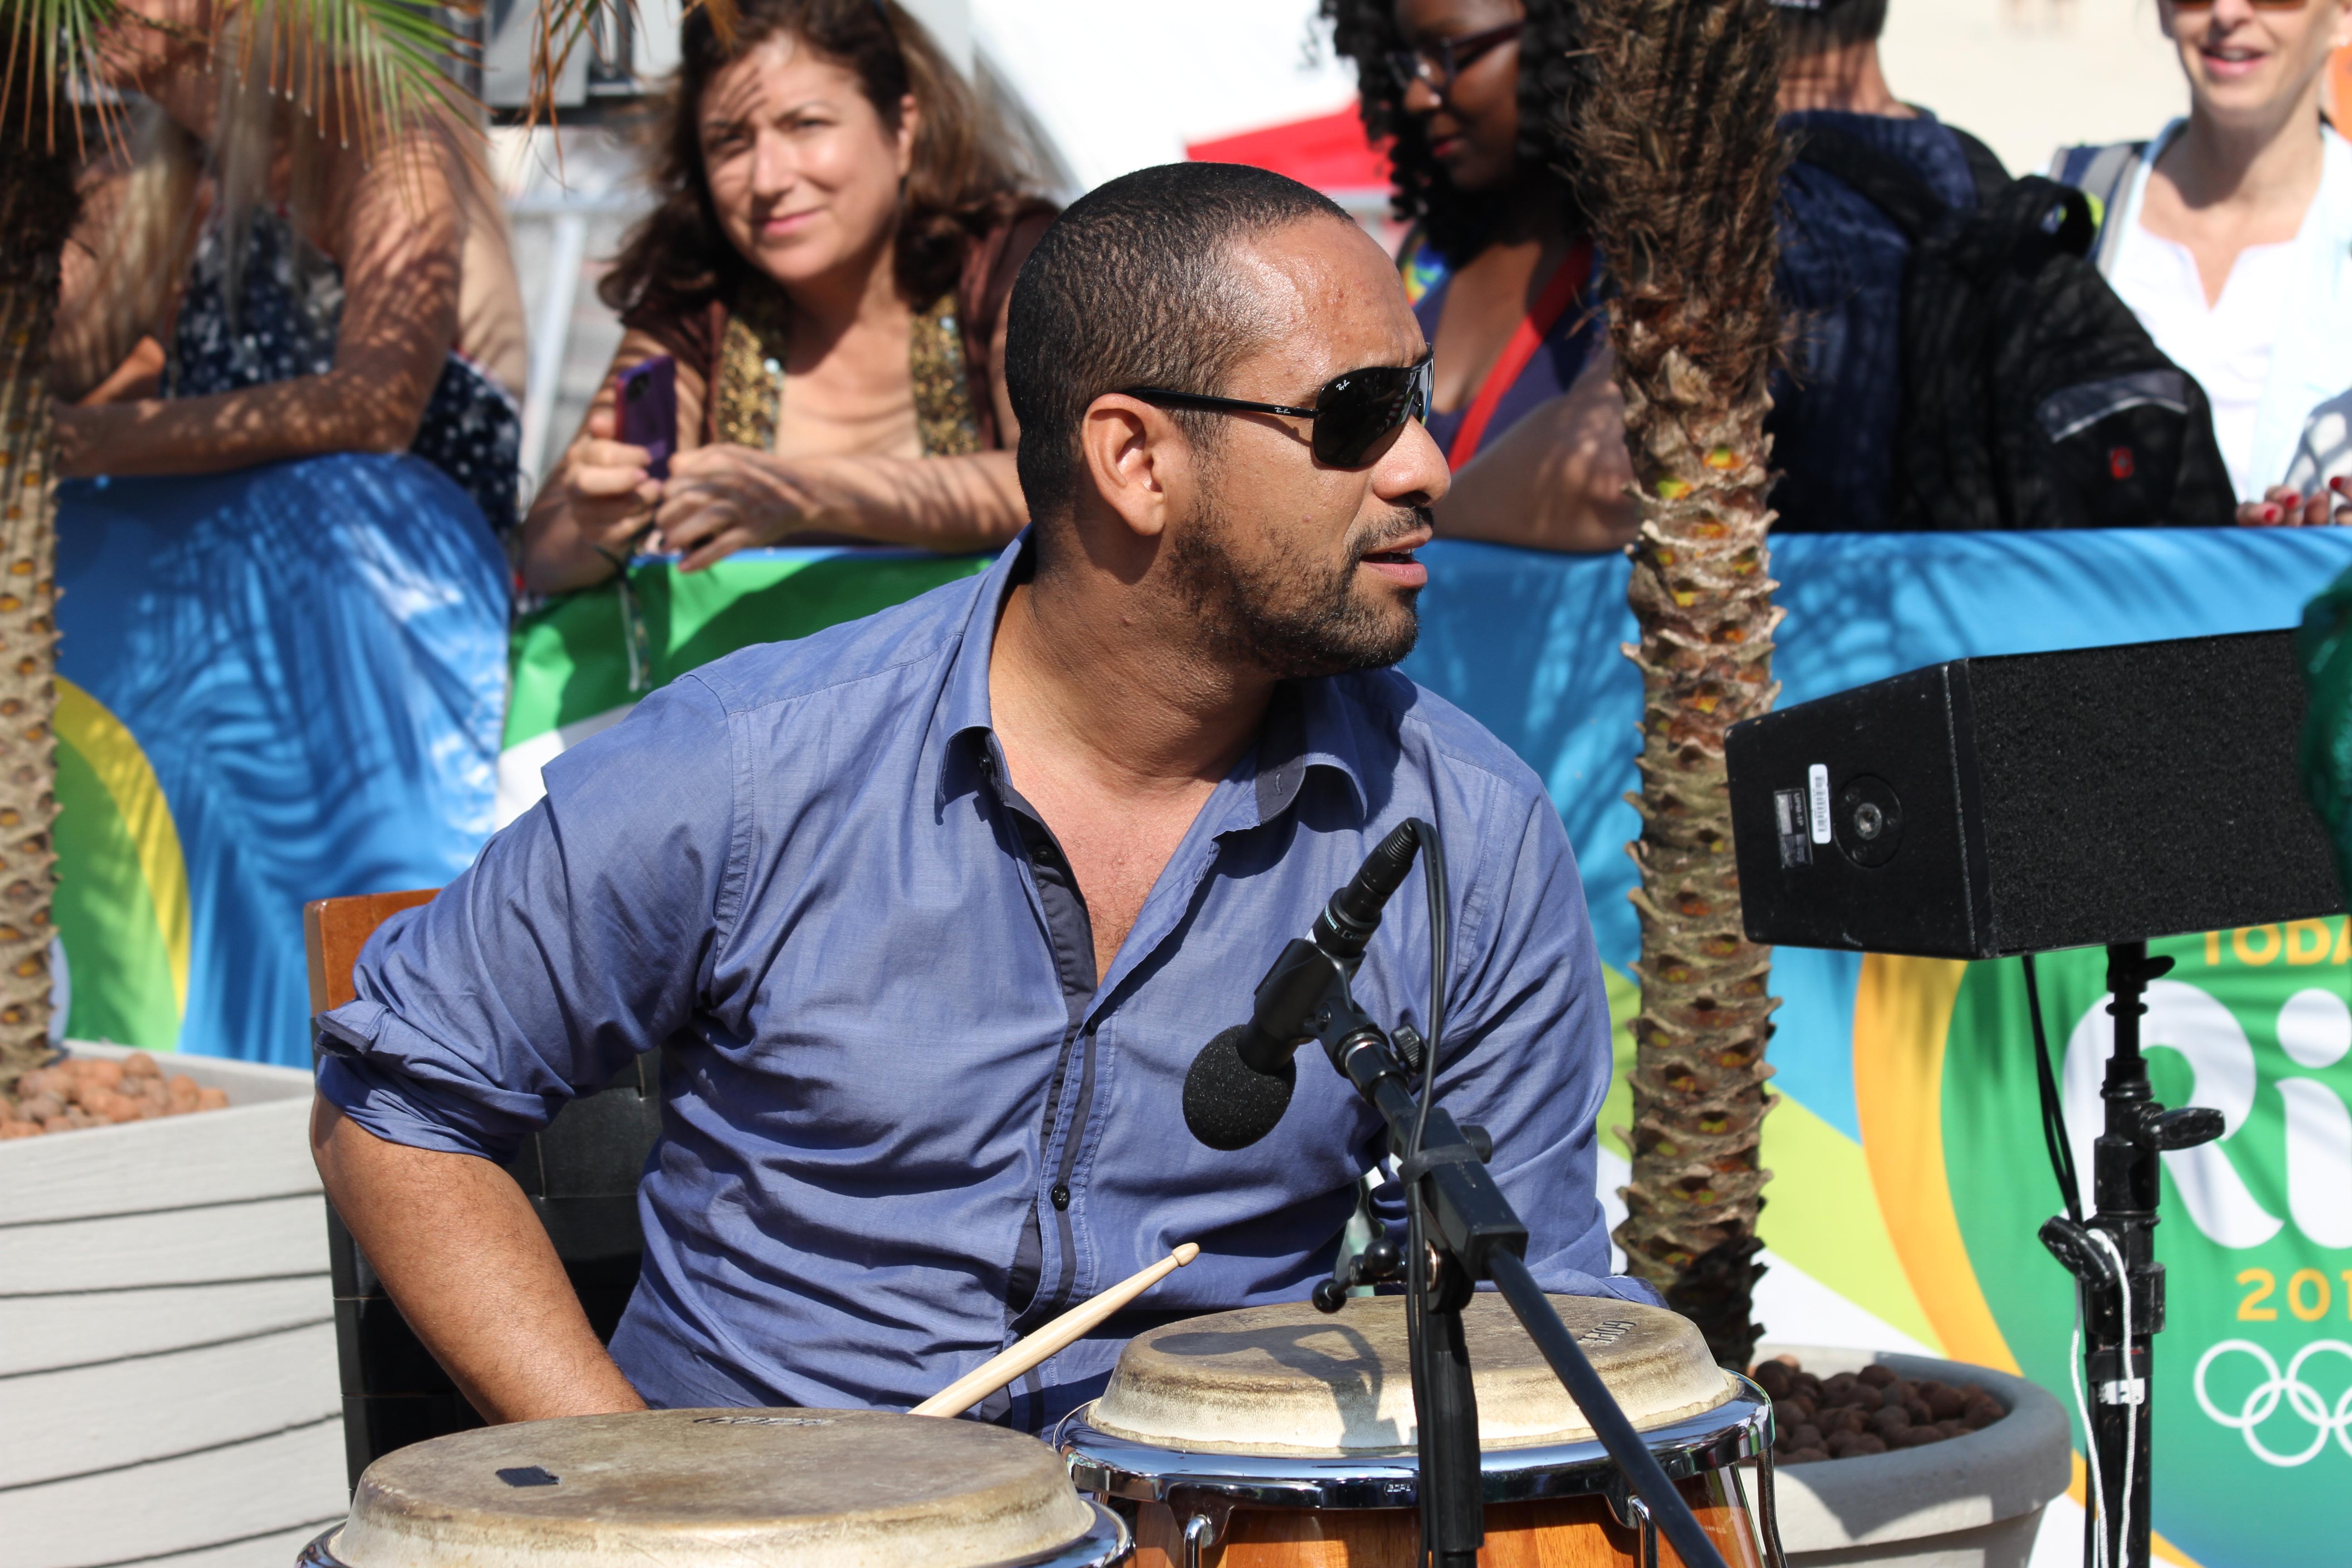 Andre Siquiera